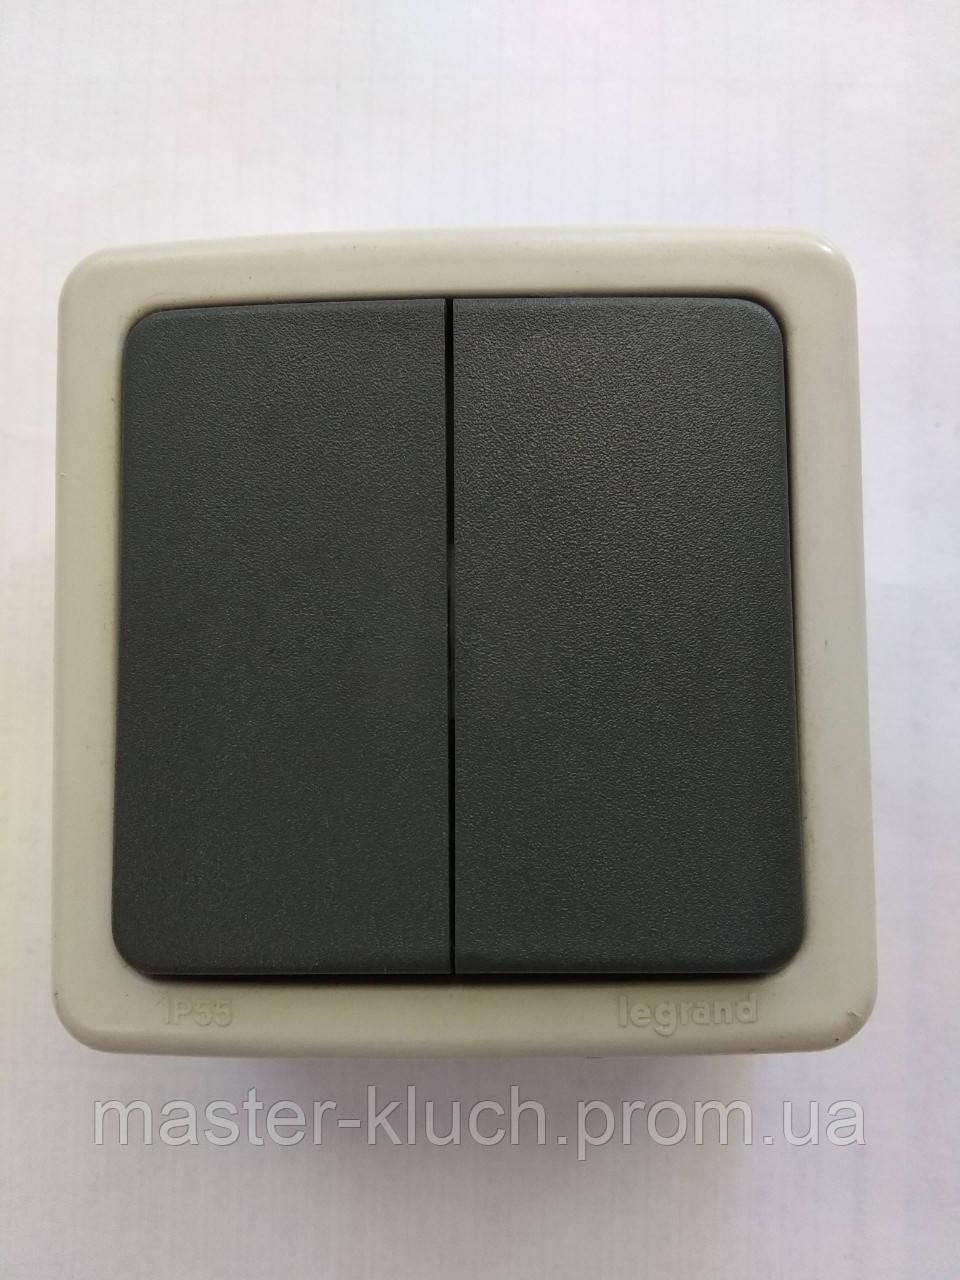 Выключатель влагозащищённый двухклавишный IP55 Legrand Plexo